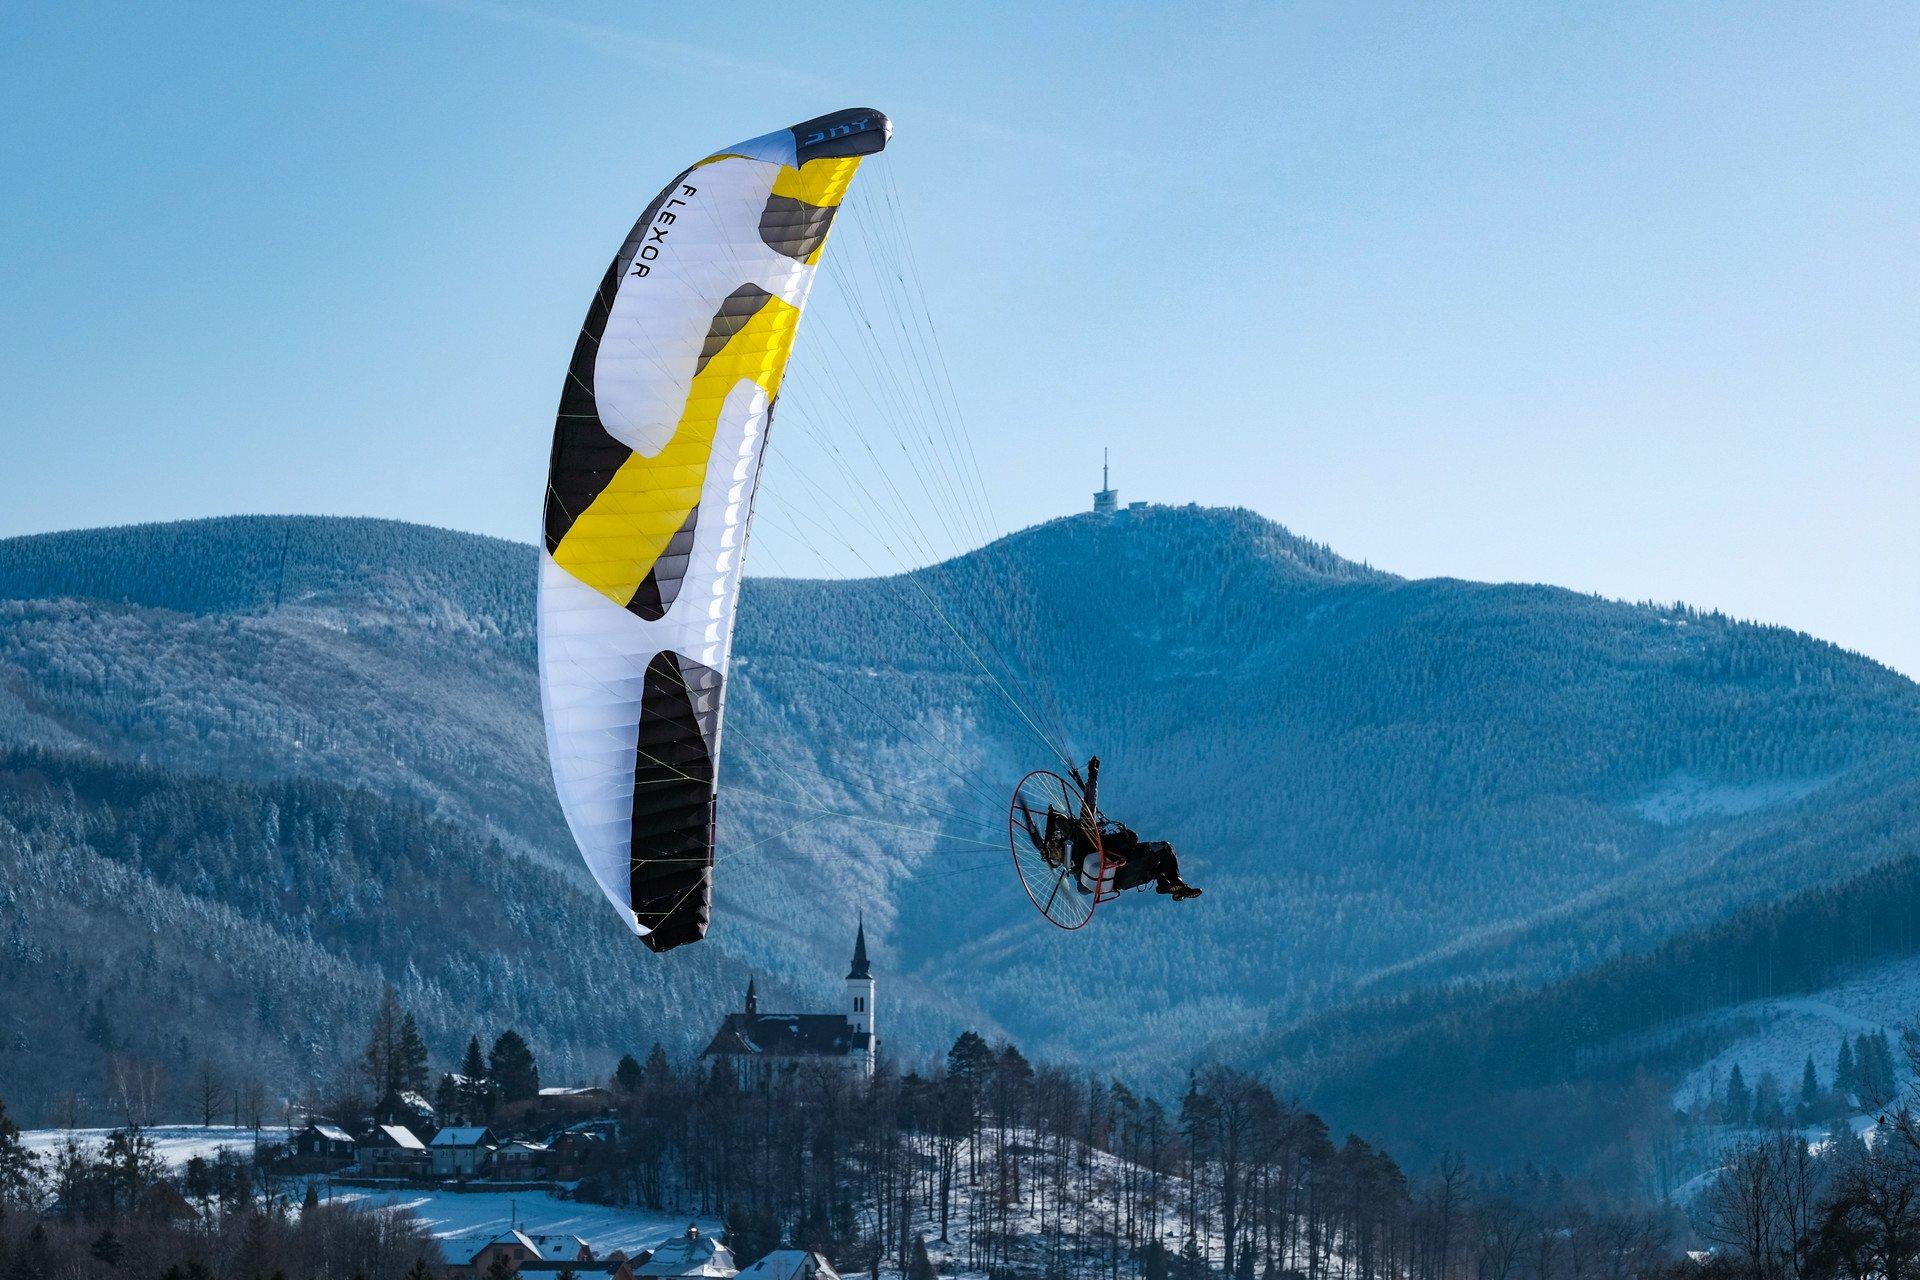 Kurzy motorového paraglidingu